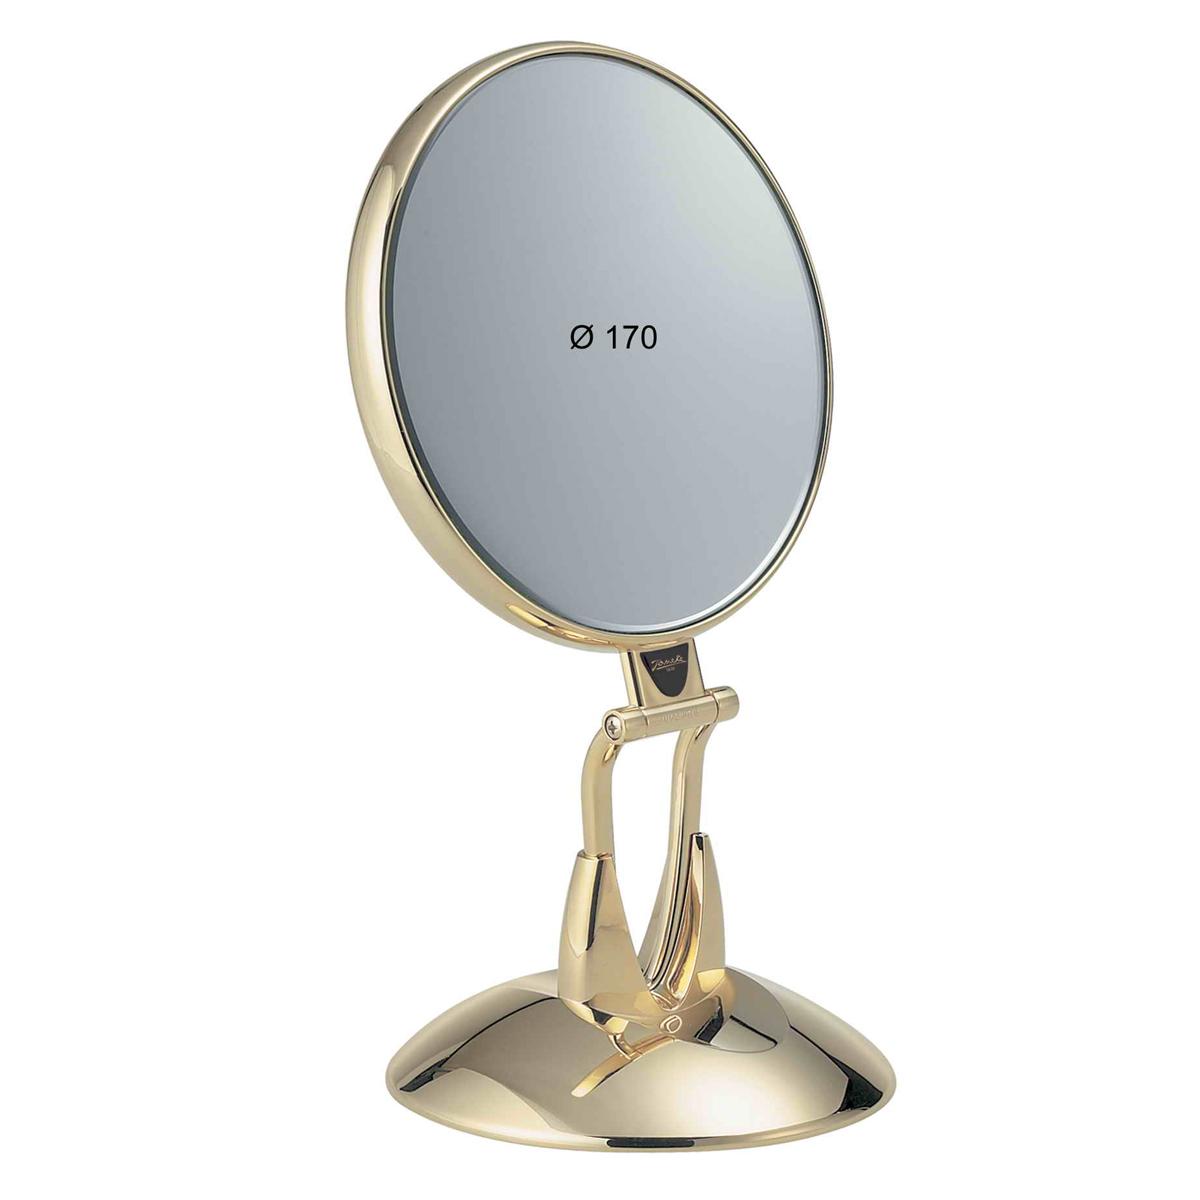 Janeke Зеркало настольное, линзы ZEISS, позолоченное, AU447.3SU.132Марка Janeke – мировой лидер по производству расчесок, щеток, маникюрных принадлежностей, зеркал и косметичек. Марка Janeke, основанная в 1830 году, вот уже почти 180 лет поддерживает непревзойденное качество своей продукции, сочетая новейшие технологии с традициями старых миланских мастеров. Все изделия на 80% производятся вручную, а инновационные технологии и современные материалы делают продукцию марки поистине уникальной. Стильный и эргономичный дизайн, яркие цветовые решения – все это приносит истинное удовольствие от использования аксессуаров Janeke. Зеркала для дома итальянской марки Janeke, изготовленные из высококачественных материалов и выполненные в оригинальном стильном дизайне, дополнят любой интерьер. Односторонние или двусторонние, с увеличением и без, на красивых и удобных подставках – зеркала Janeke прослужат долго и доставят истинное удовольствие от использования